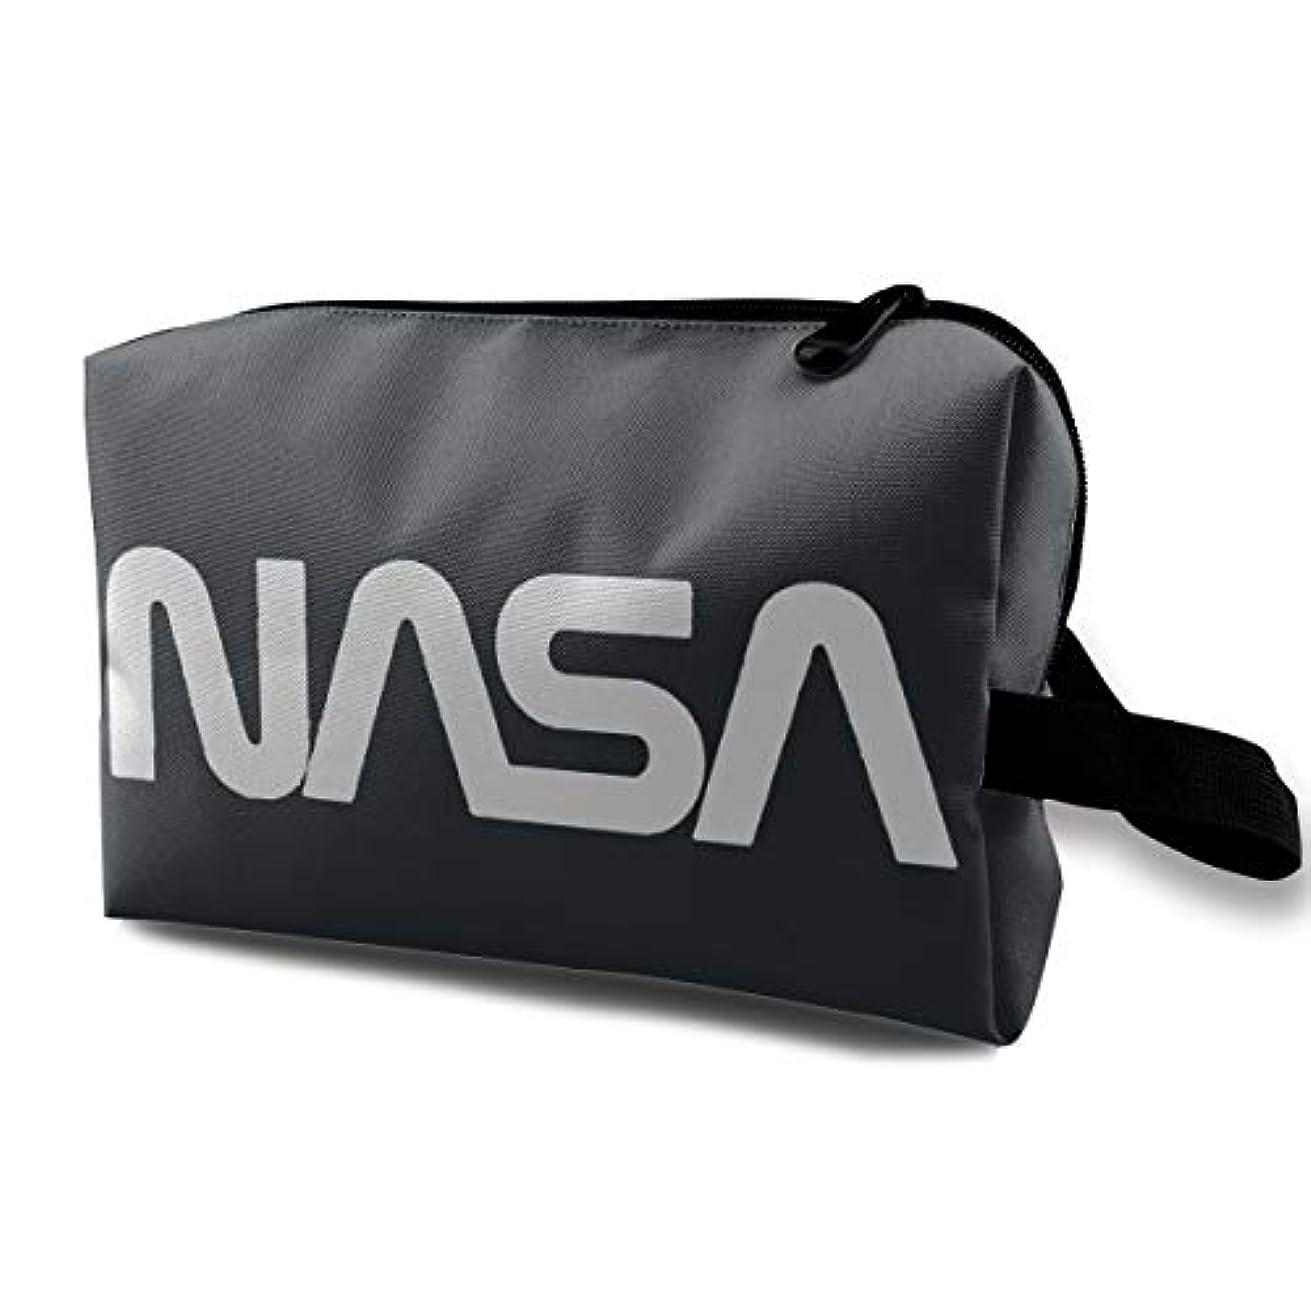 寄り添う共産主義者解き明かすDSB 化粧ポーチ コンパクト メイクポーチ 化粧バッグ NASA 航空 宇宙 化粧品 収納バッグ コスメポーチ メイクブラシバッグ 旅行用 大容量